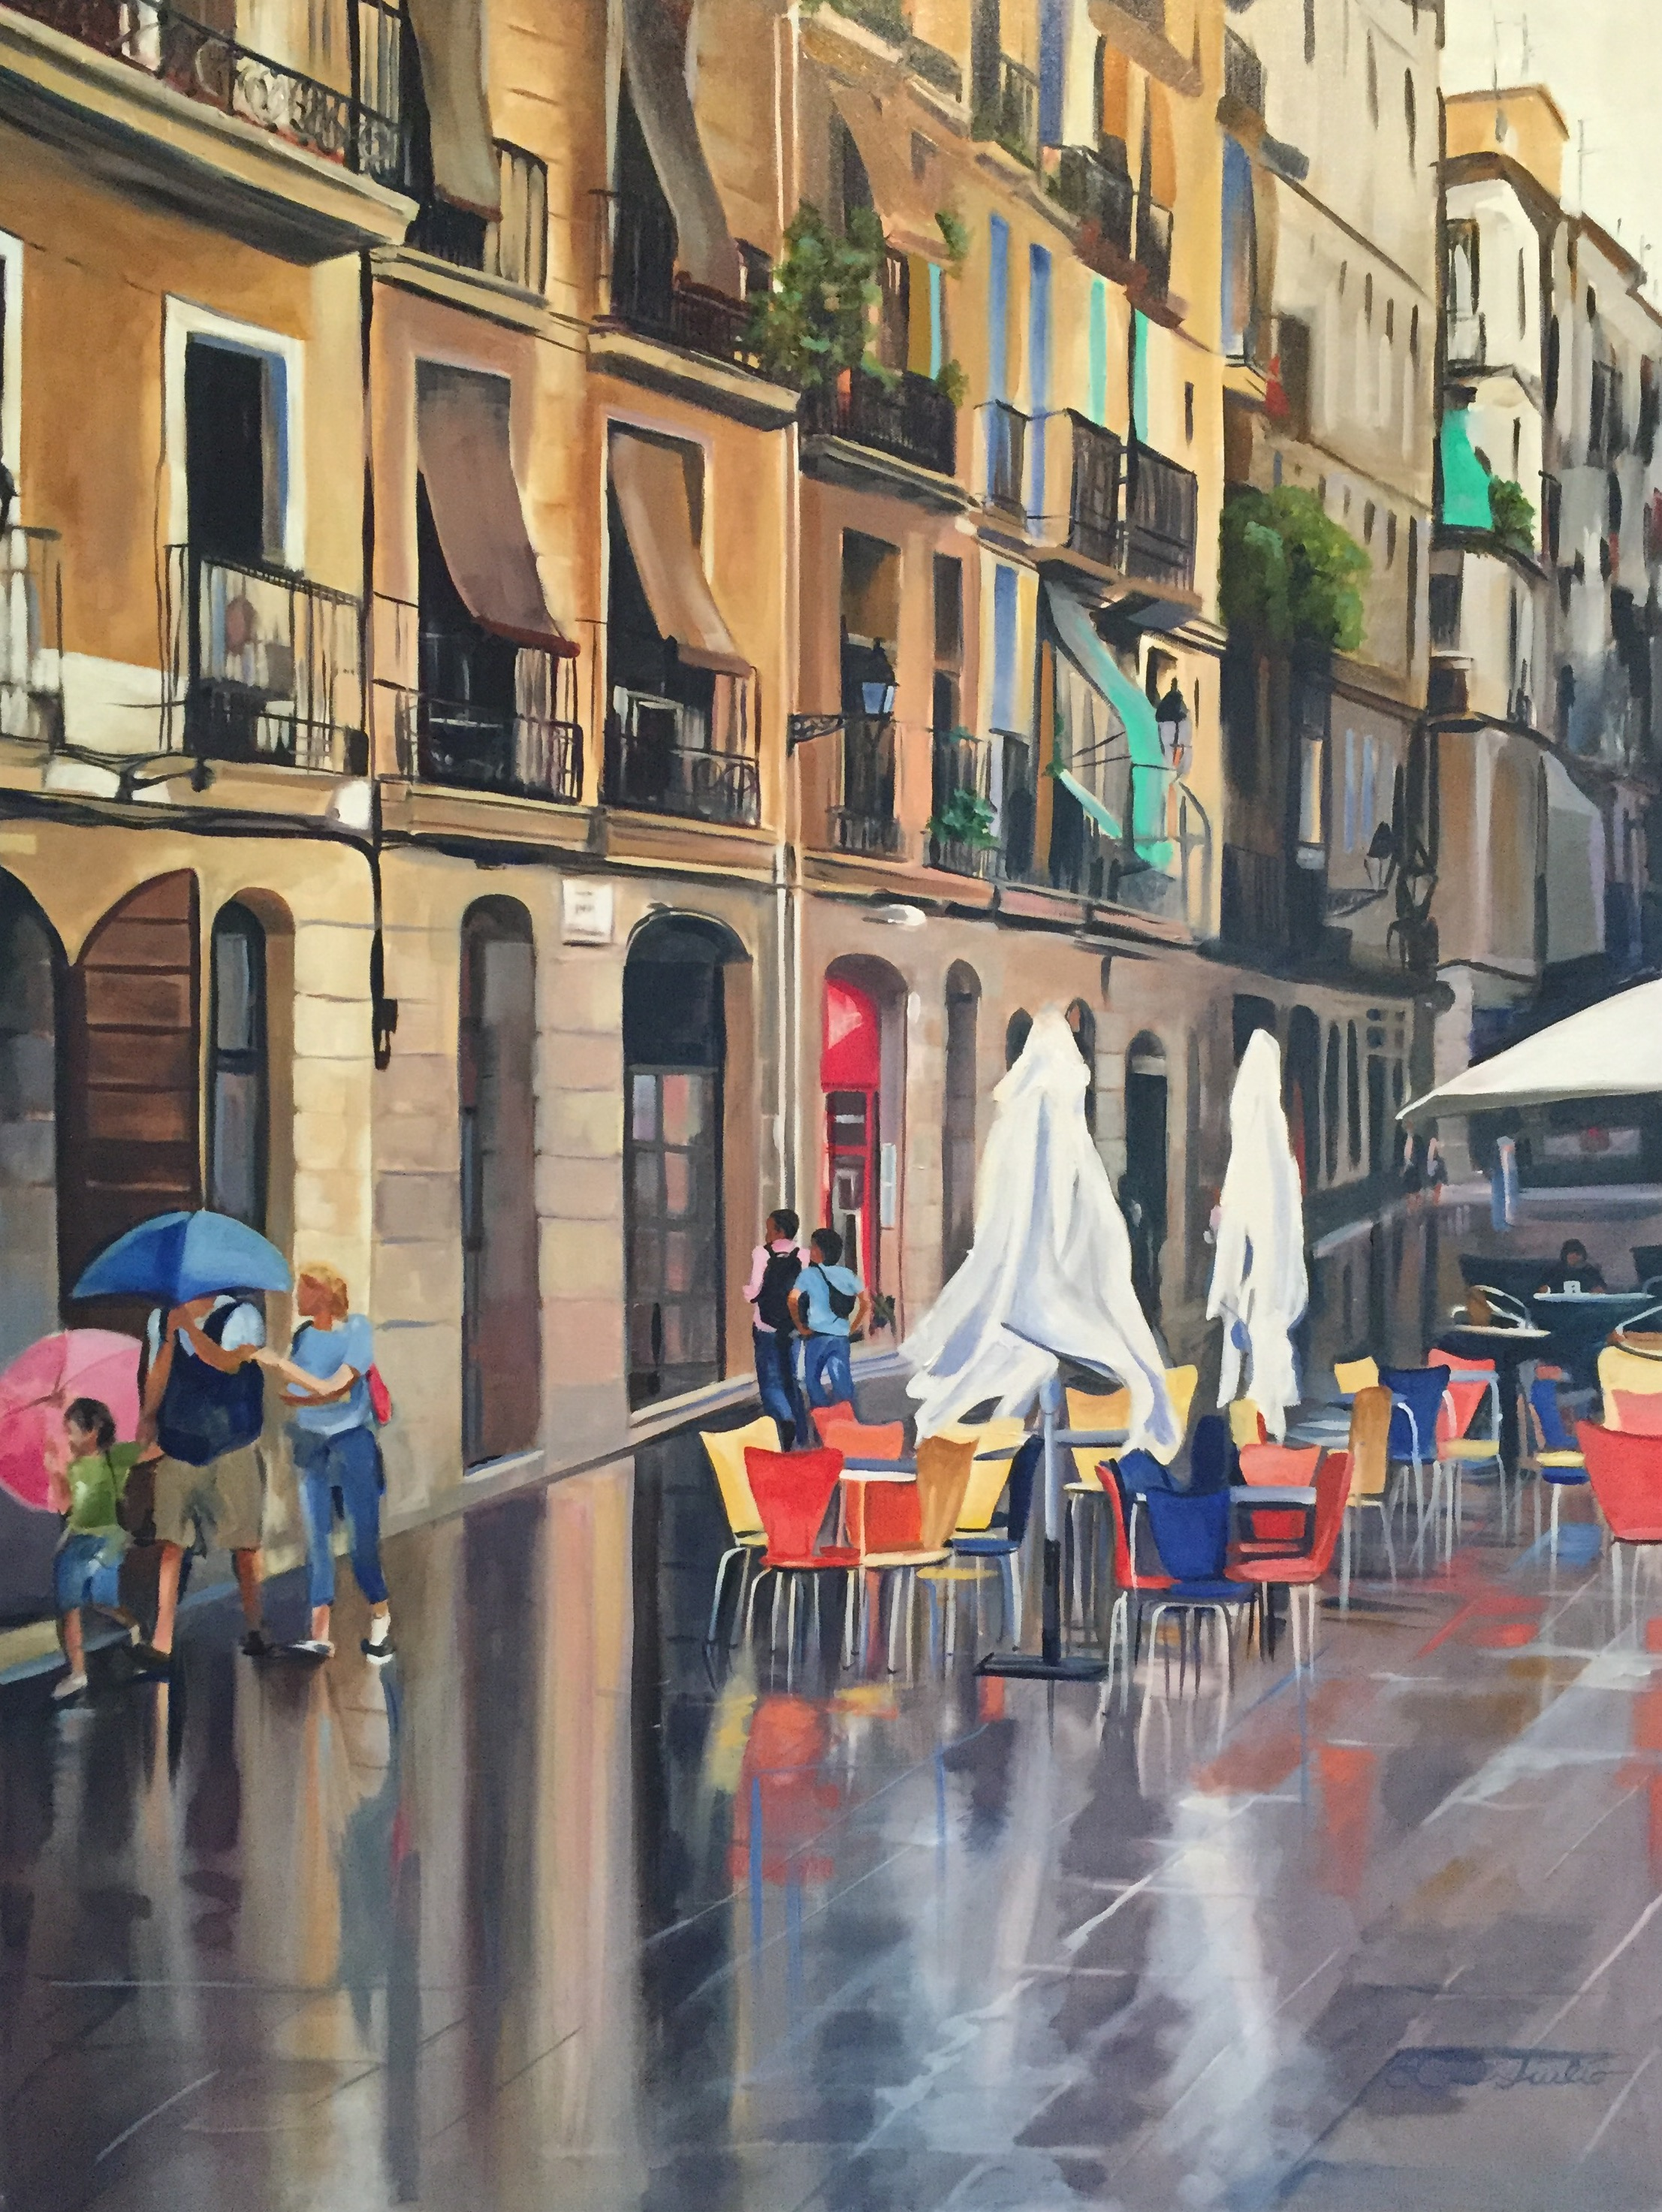 Rainy Streets, Barcelona